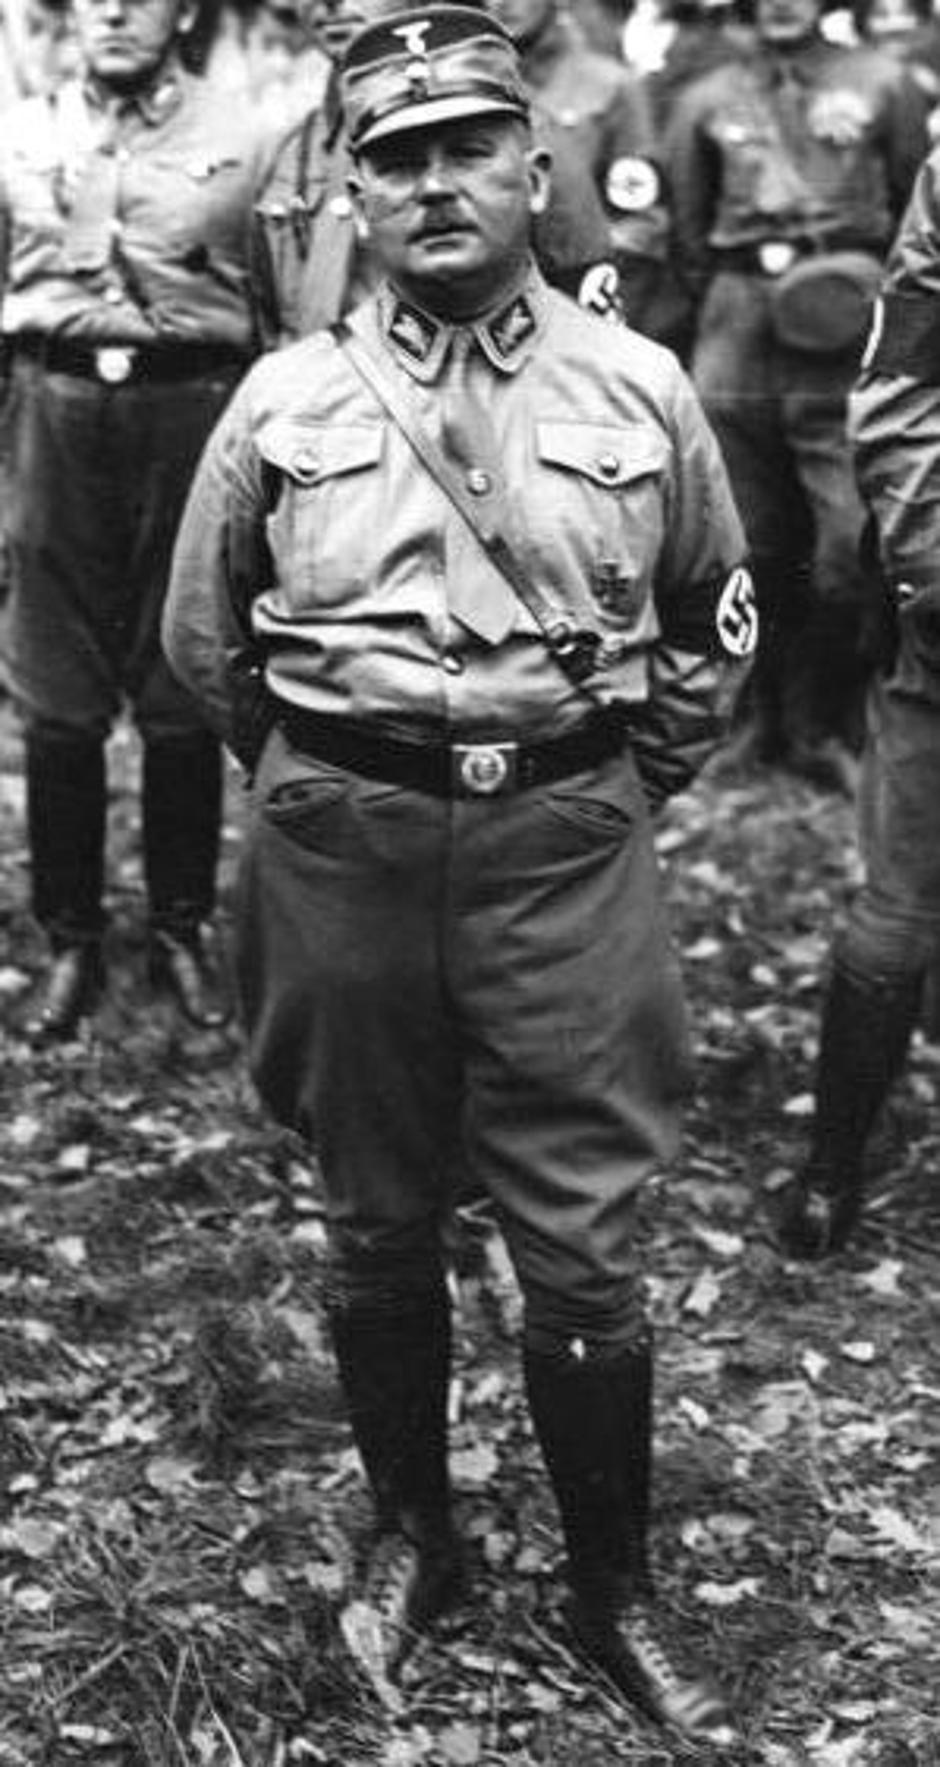 Ernst Röhm | Author: Wikipedia/CC BY-SA 3.0 DE